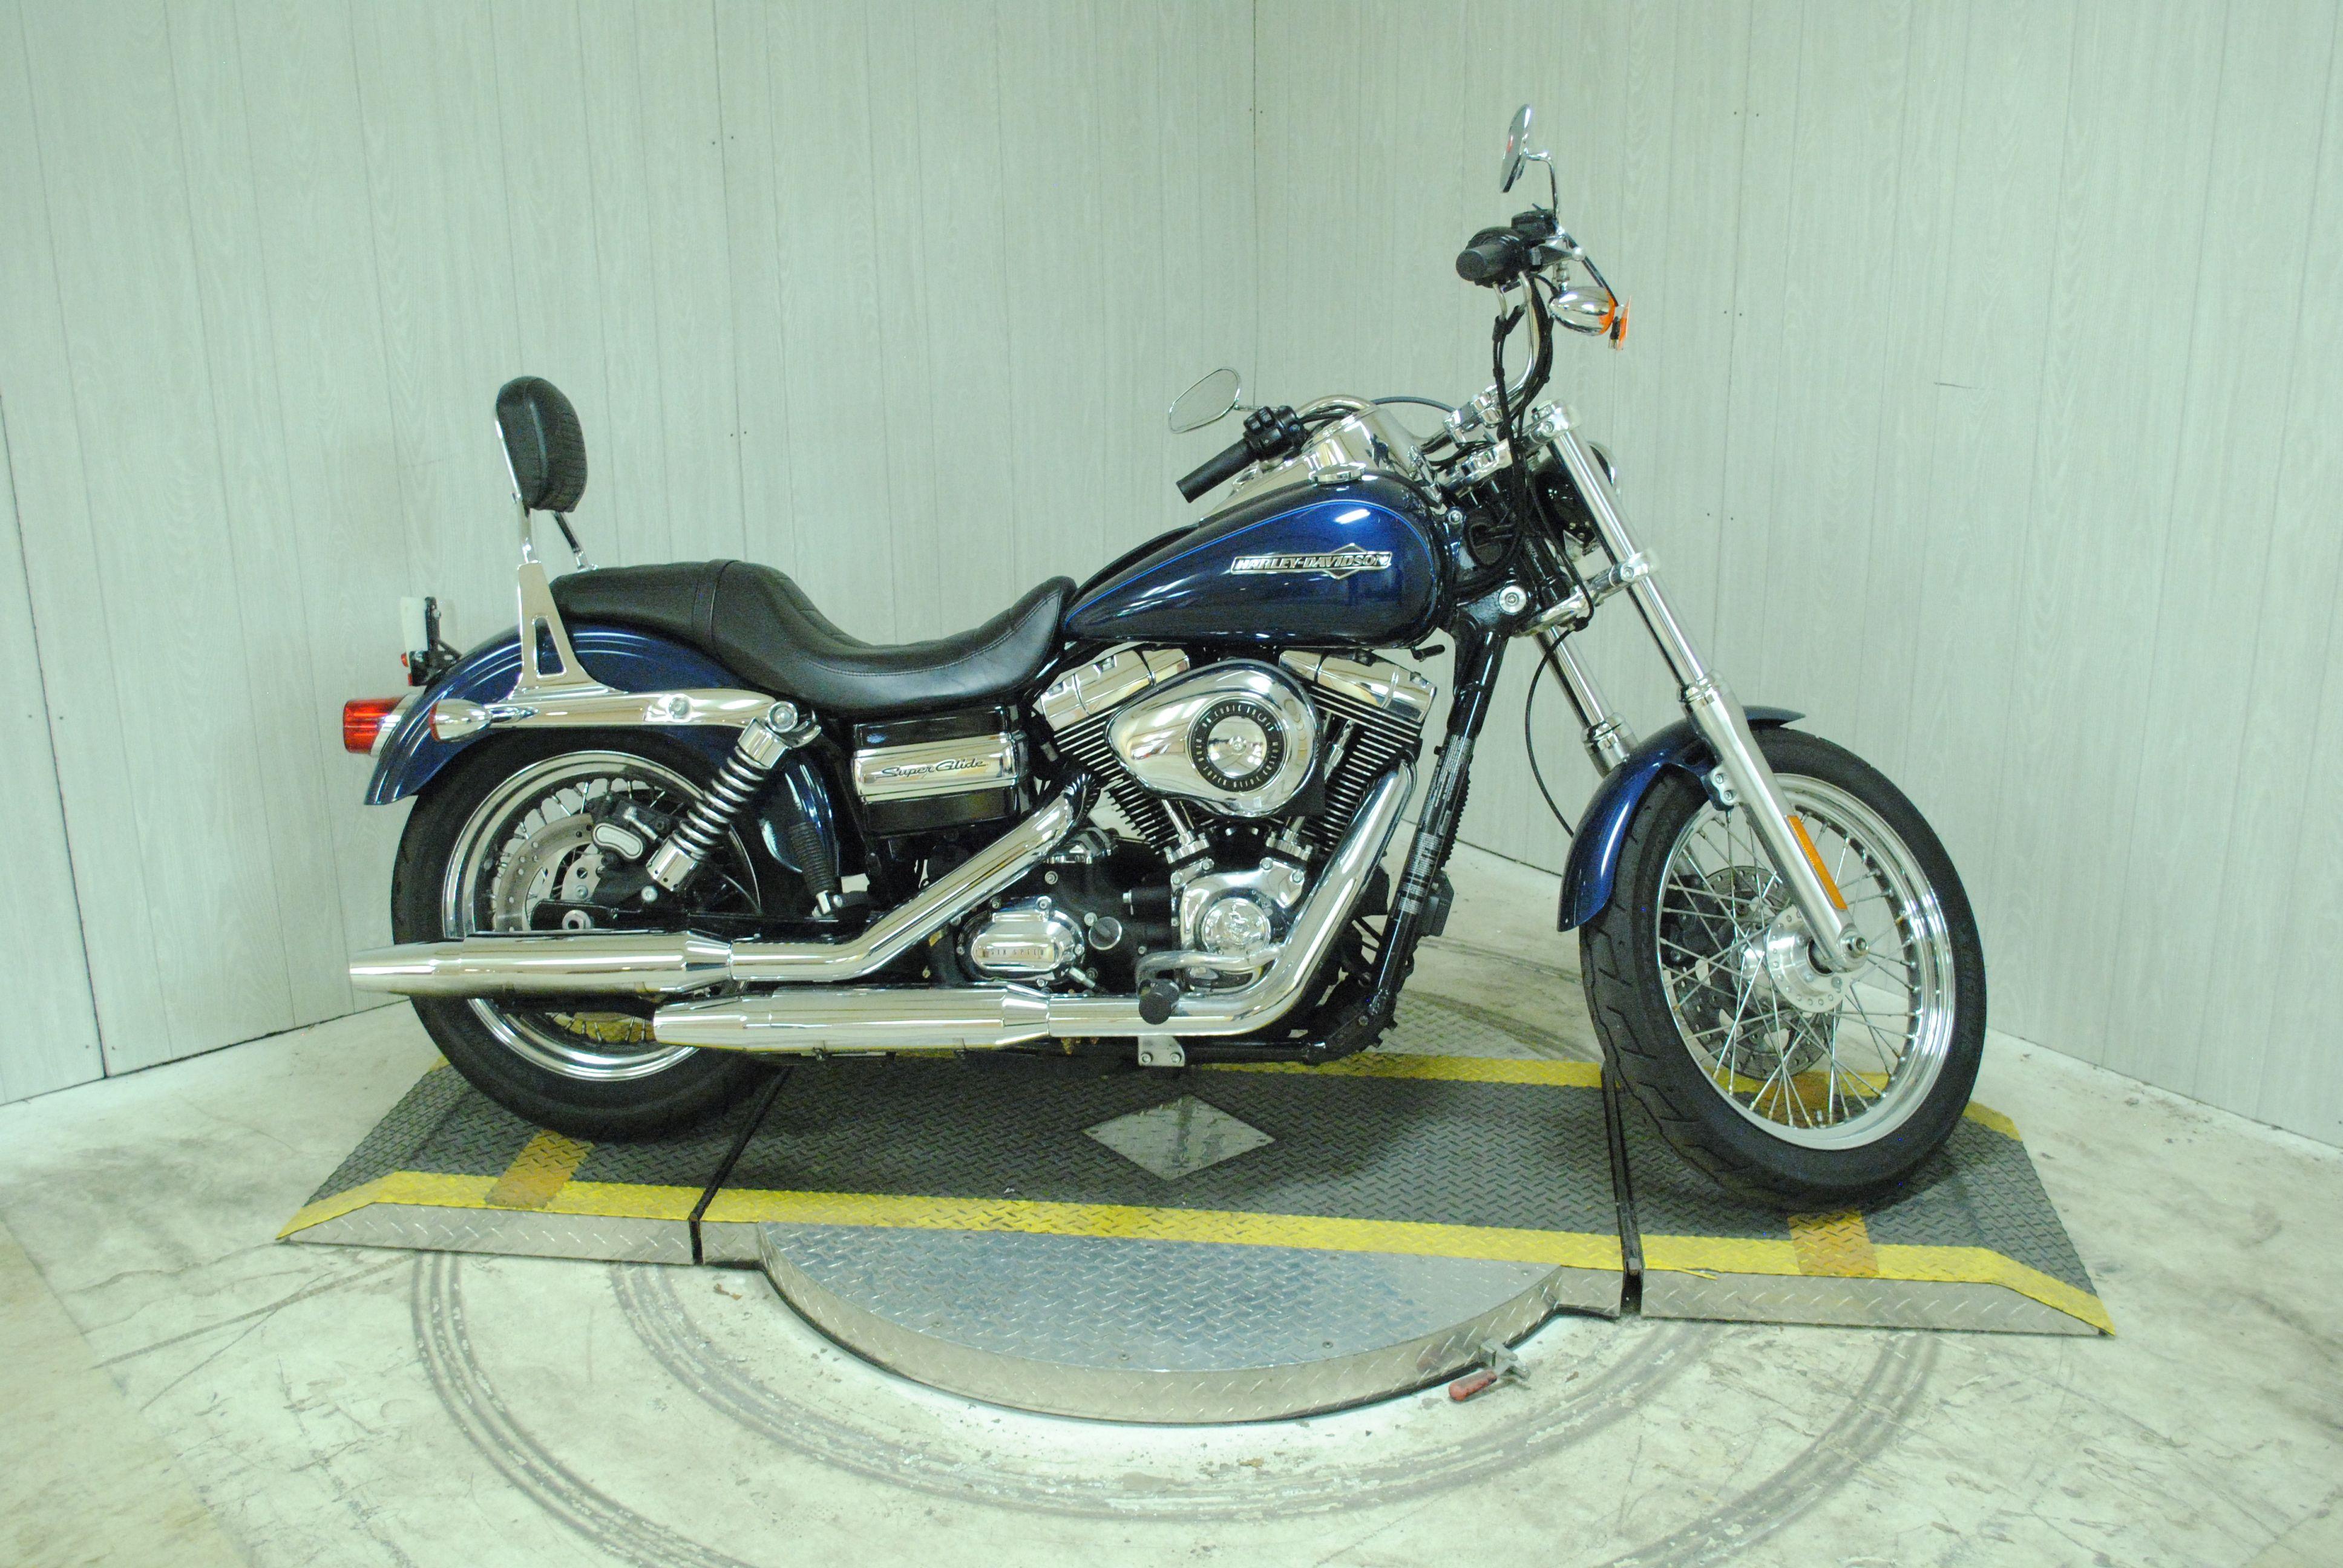 Pre-Owned 2012 Harley-Davidson Super Glide Custom FXDC